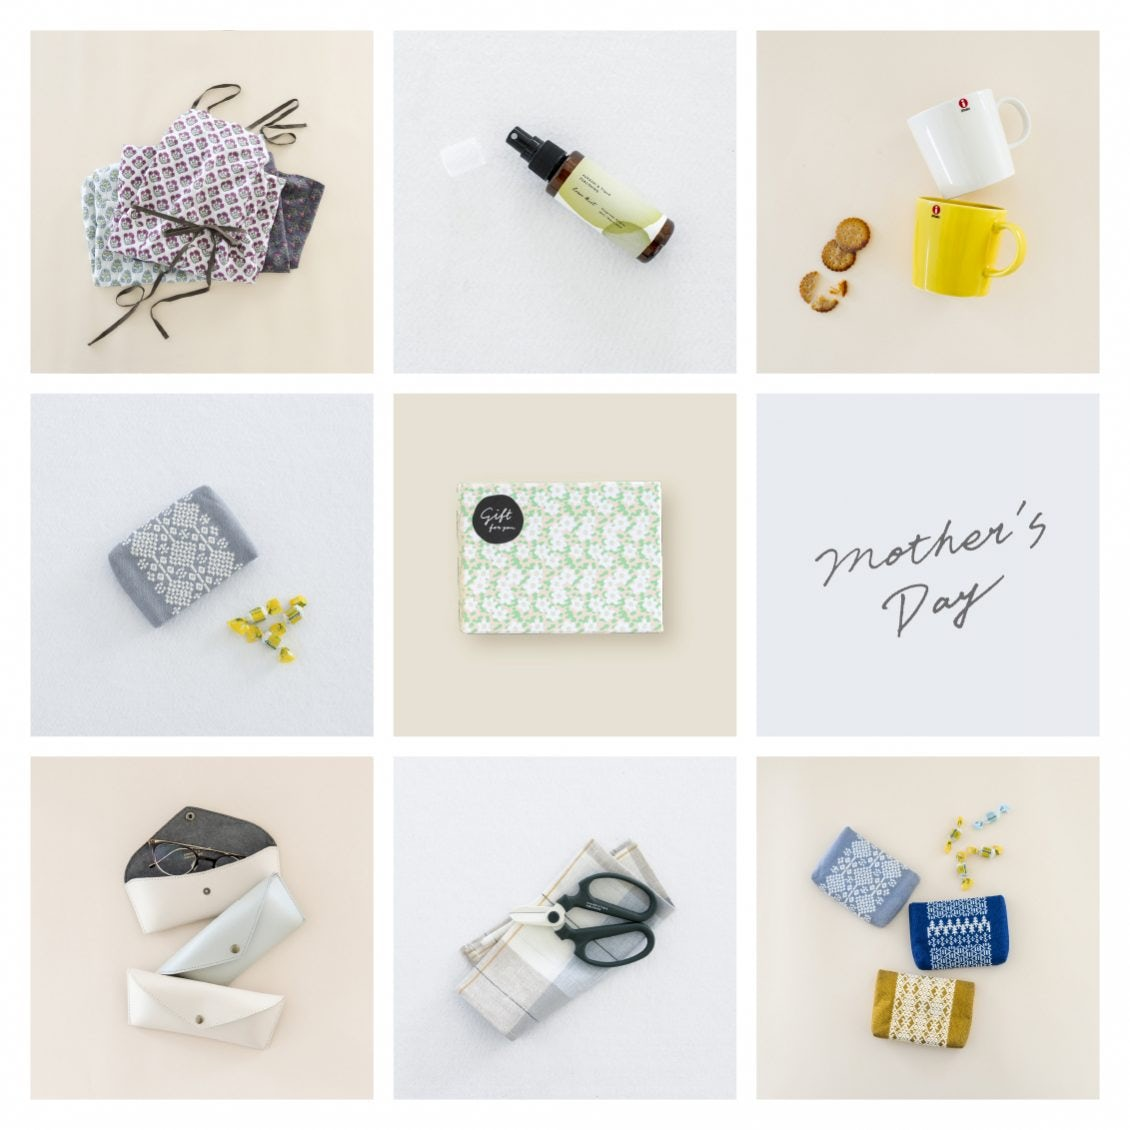 【特別企画】 とびきり可愛いギフトボックスで贈ろう!「母の日限定ギフト」が今年も登場です